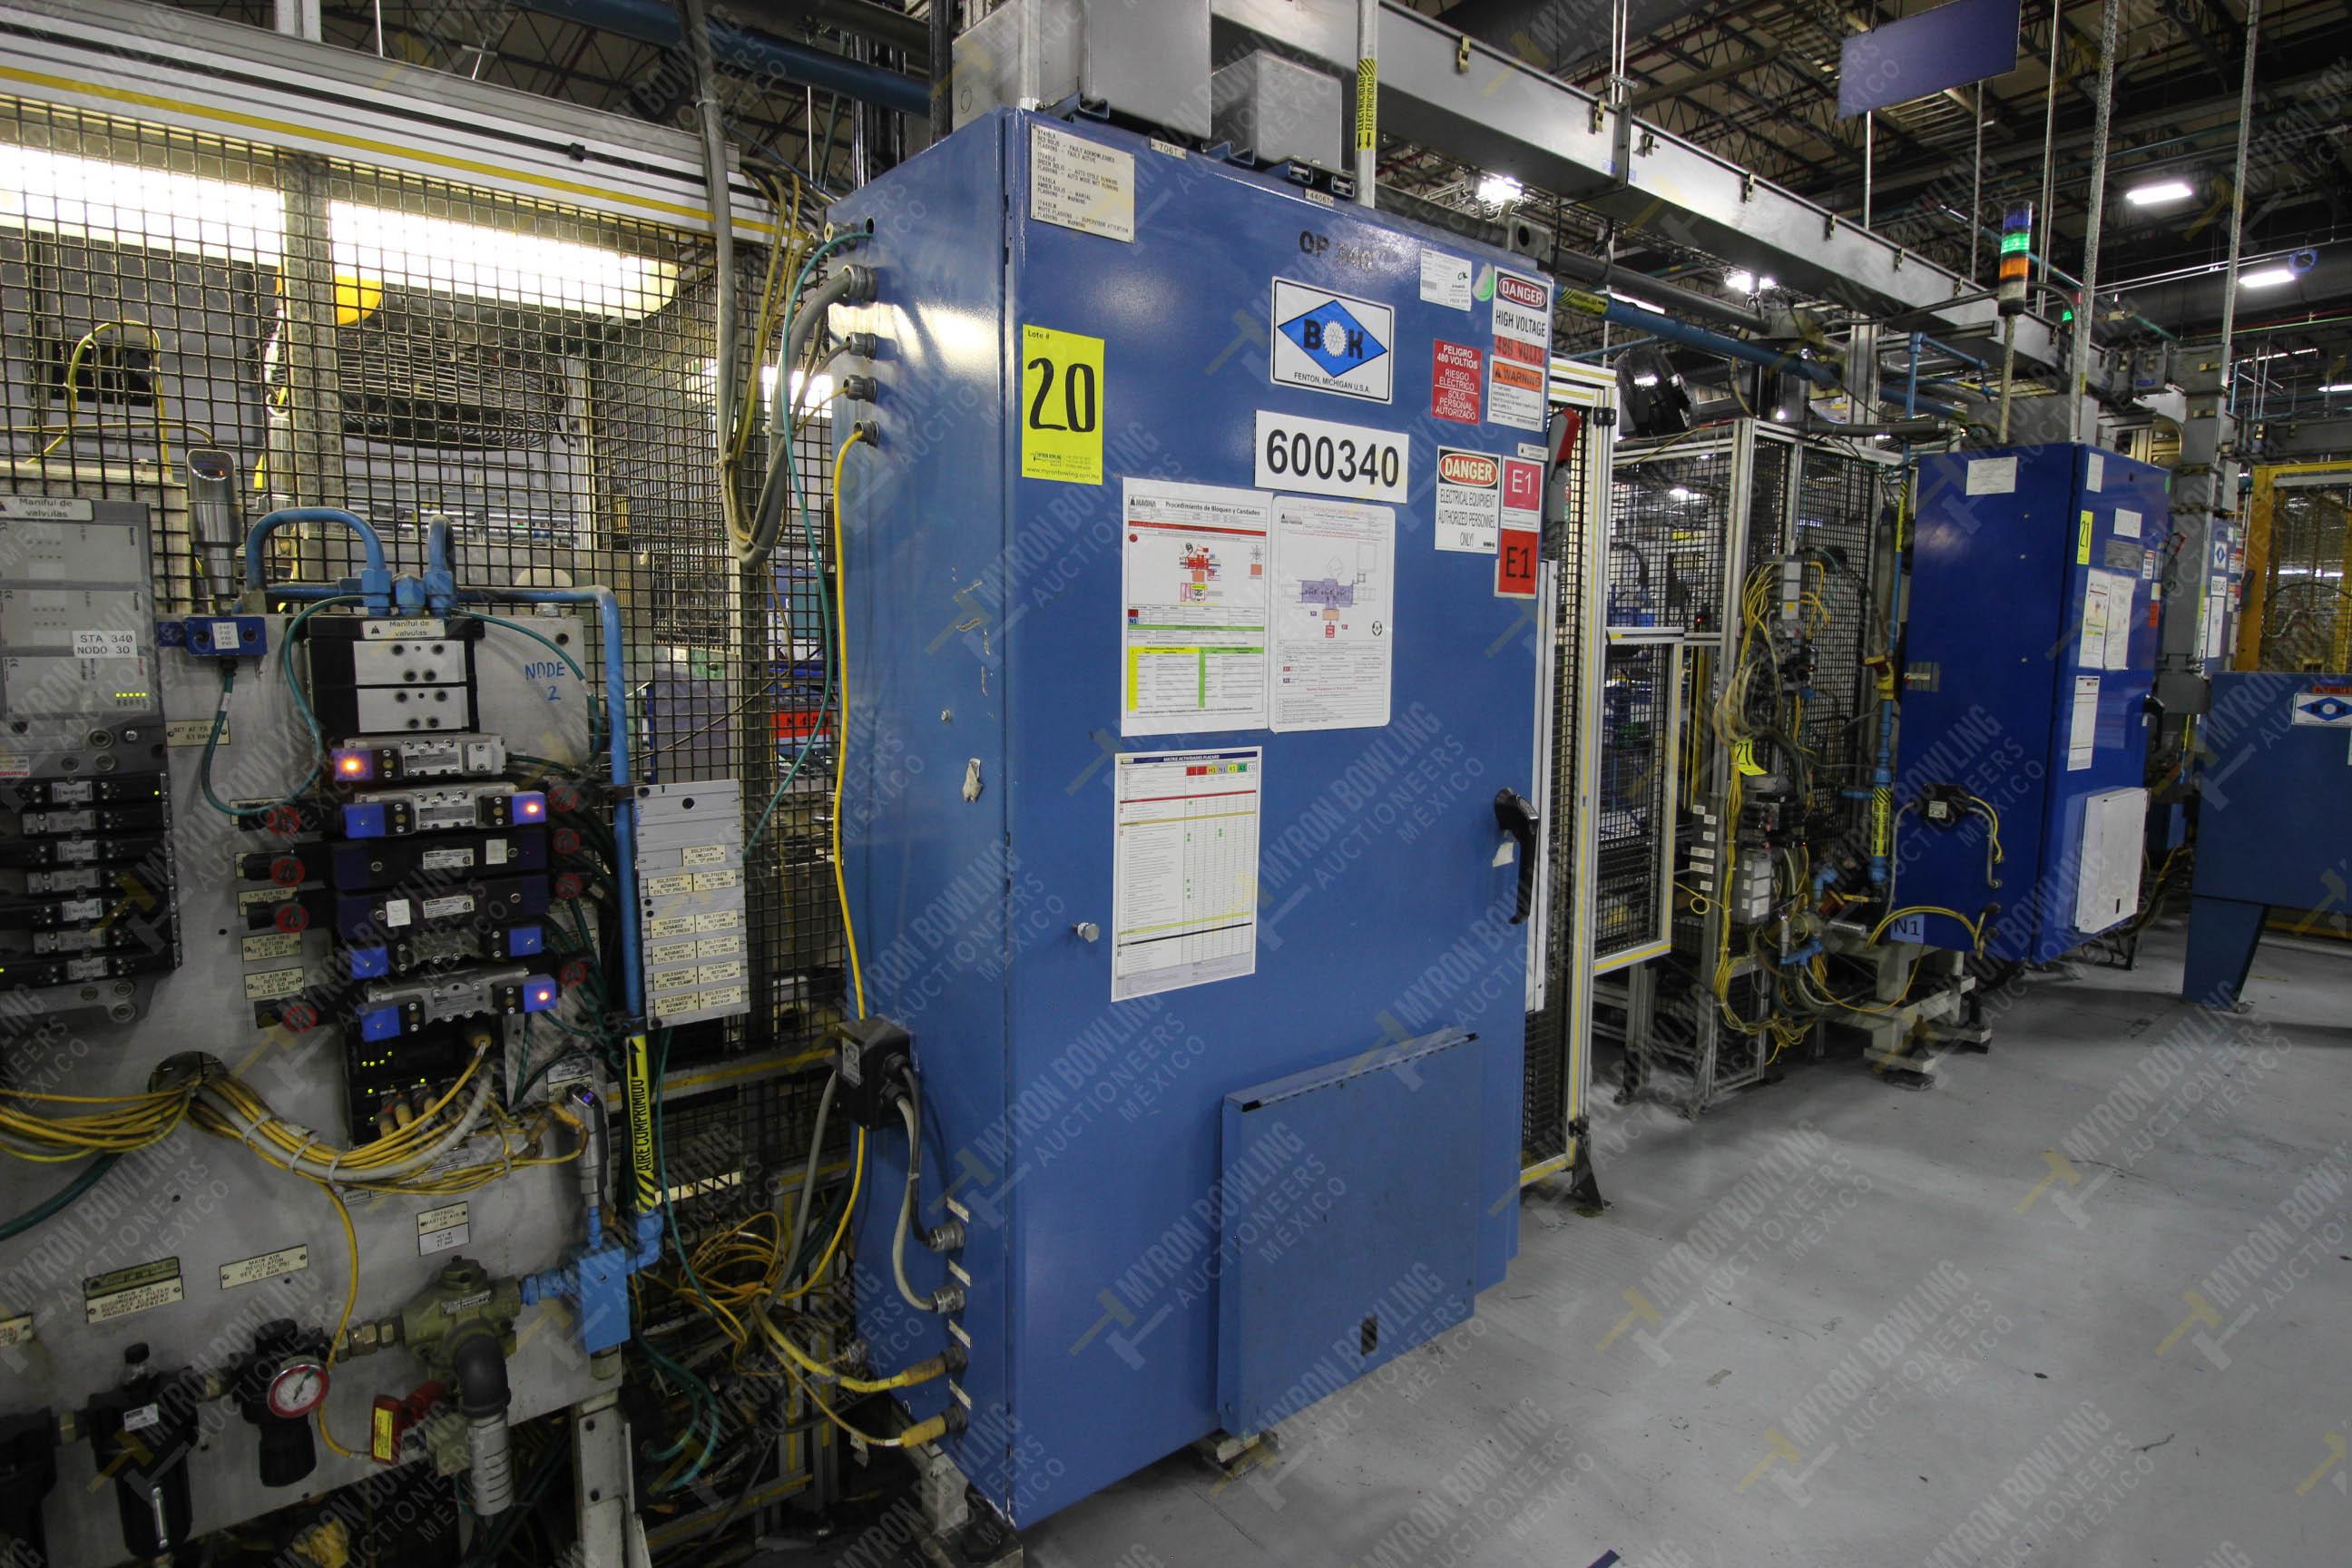 Estación semiautomática para operación 340, contiene: Prensa en estructura de placa de acero - Image 21 of 32